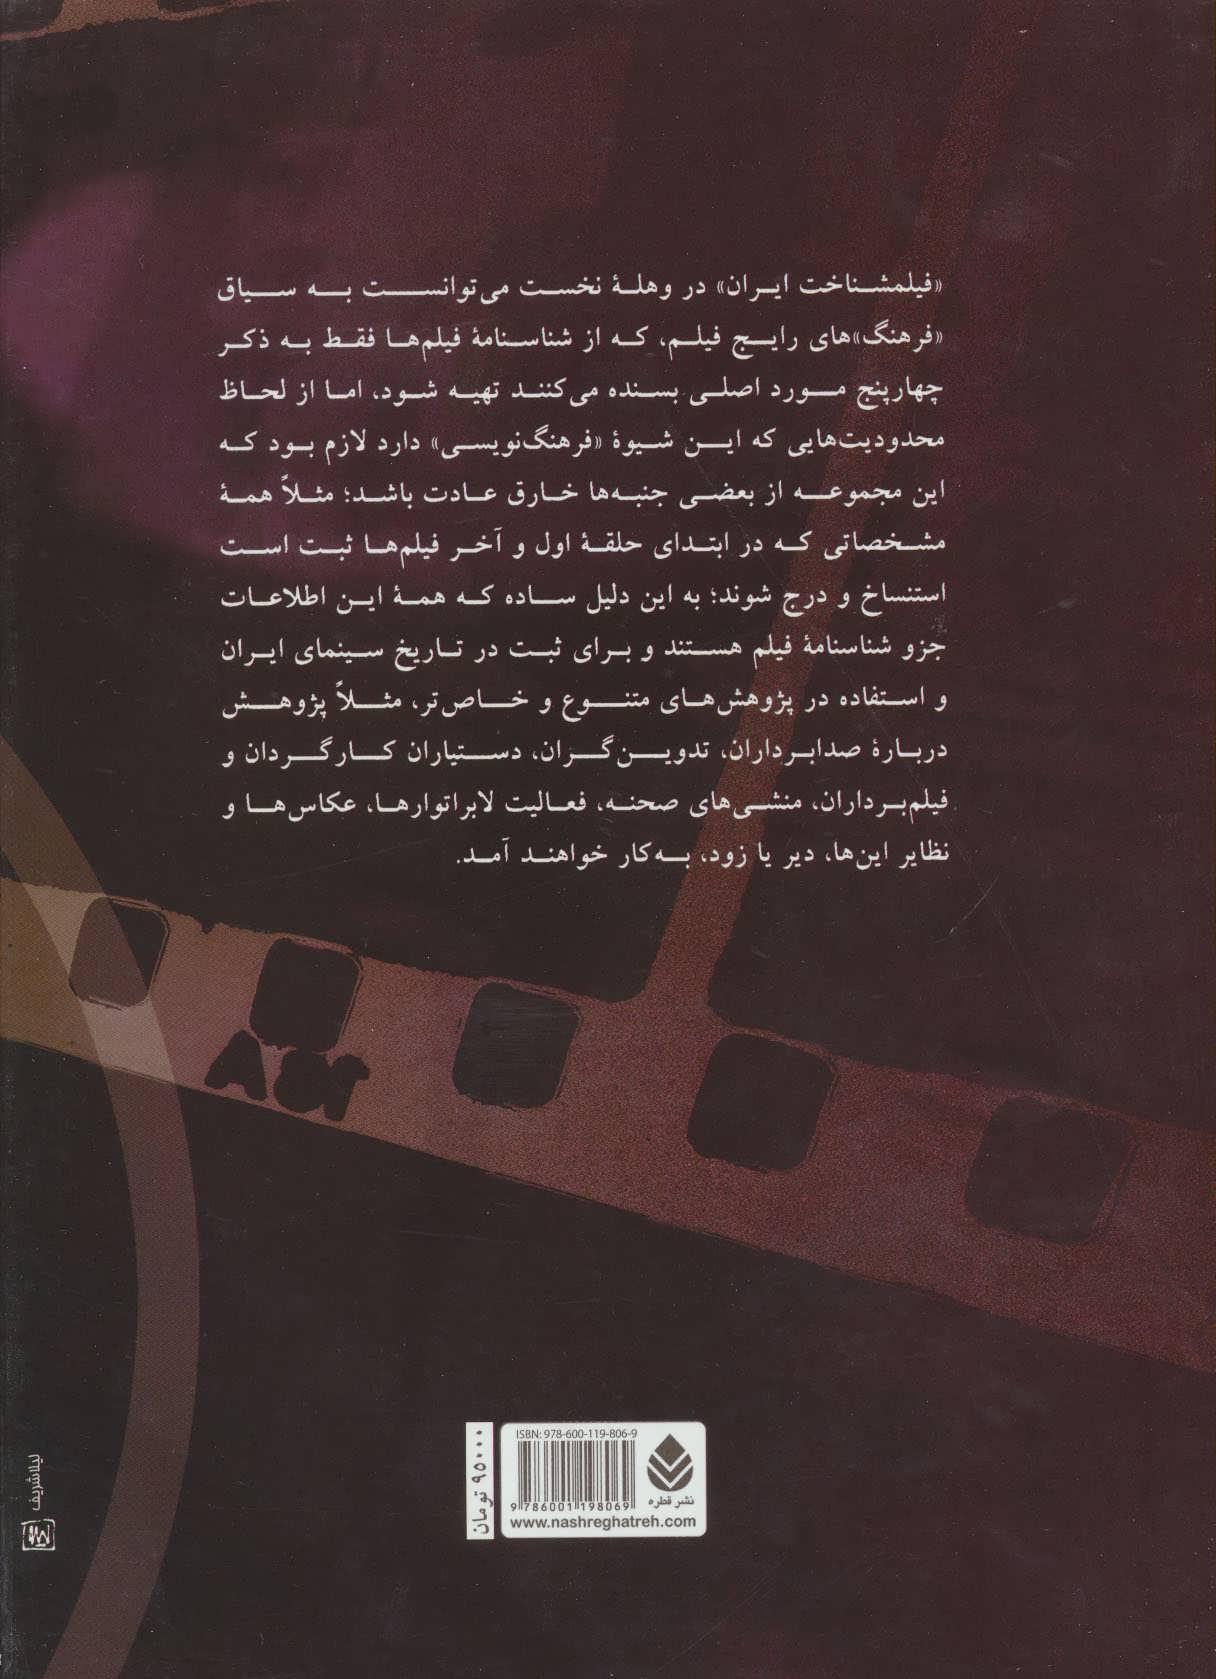 فیلمشناخت ایران (فیلم شناسی سینمای ایران 1390-1383)